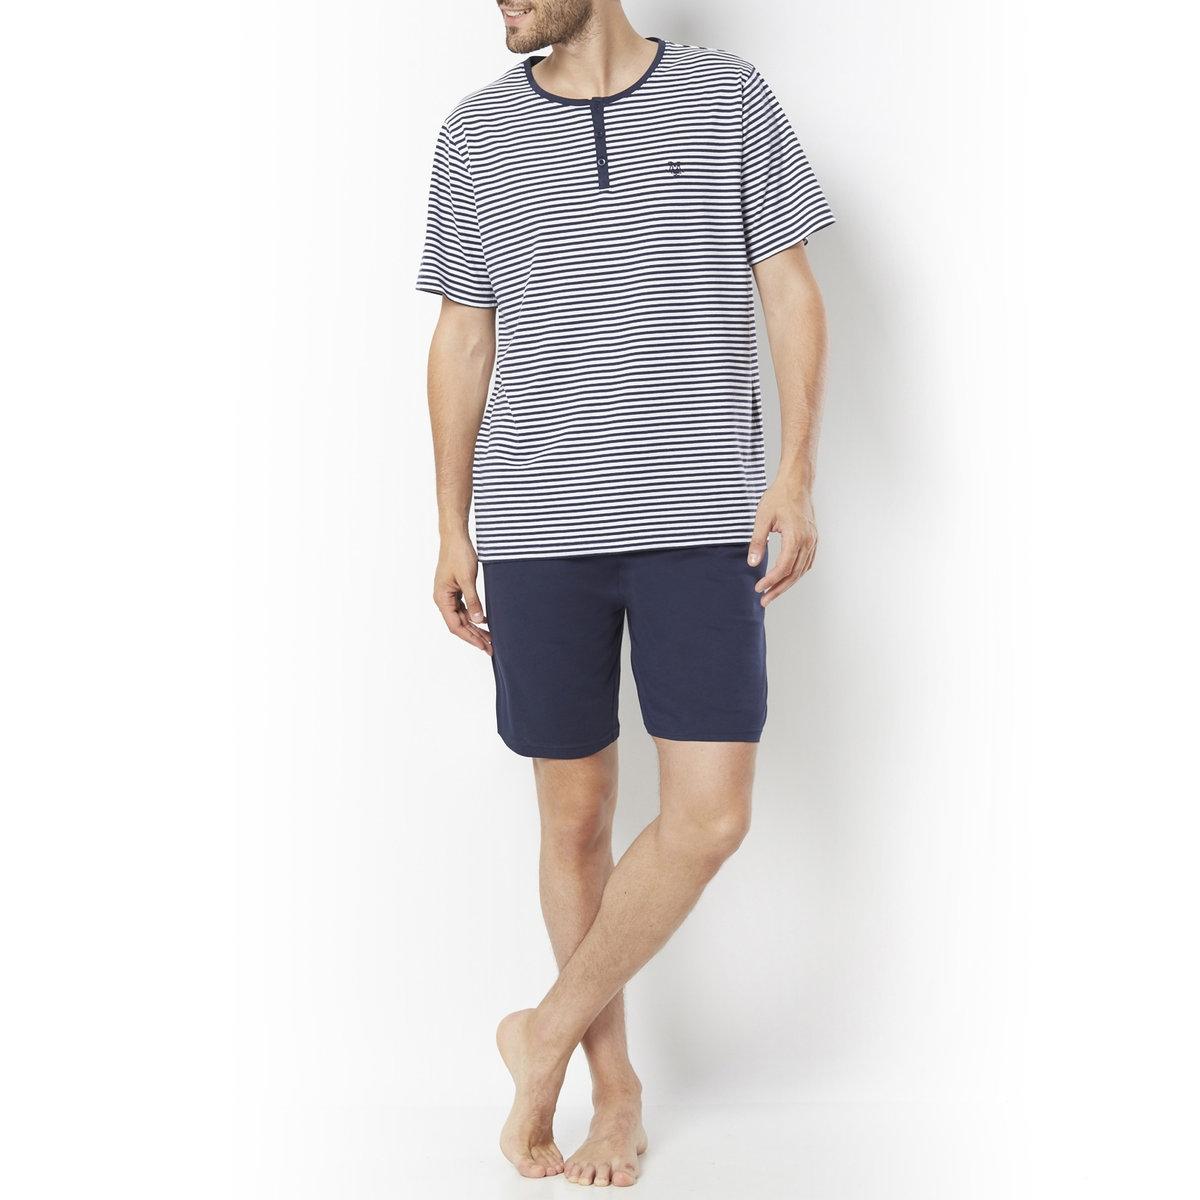 Пижама с шортамиДжерси, 100% хлопка. Футболка в полоску. Короткие рукава. Вырез с планкой застежки на 3 пуговицы. Вышивка на груди. Шорты с эластичным поясом.  2 кармана по бокам.<br><br>Цвет: в полоску синий + белый